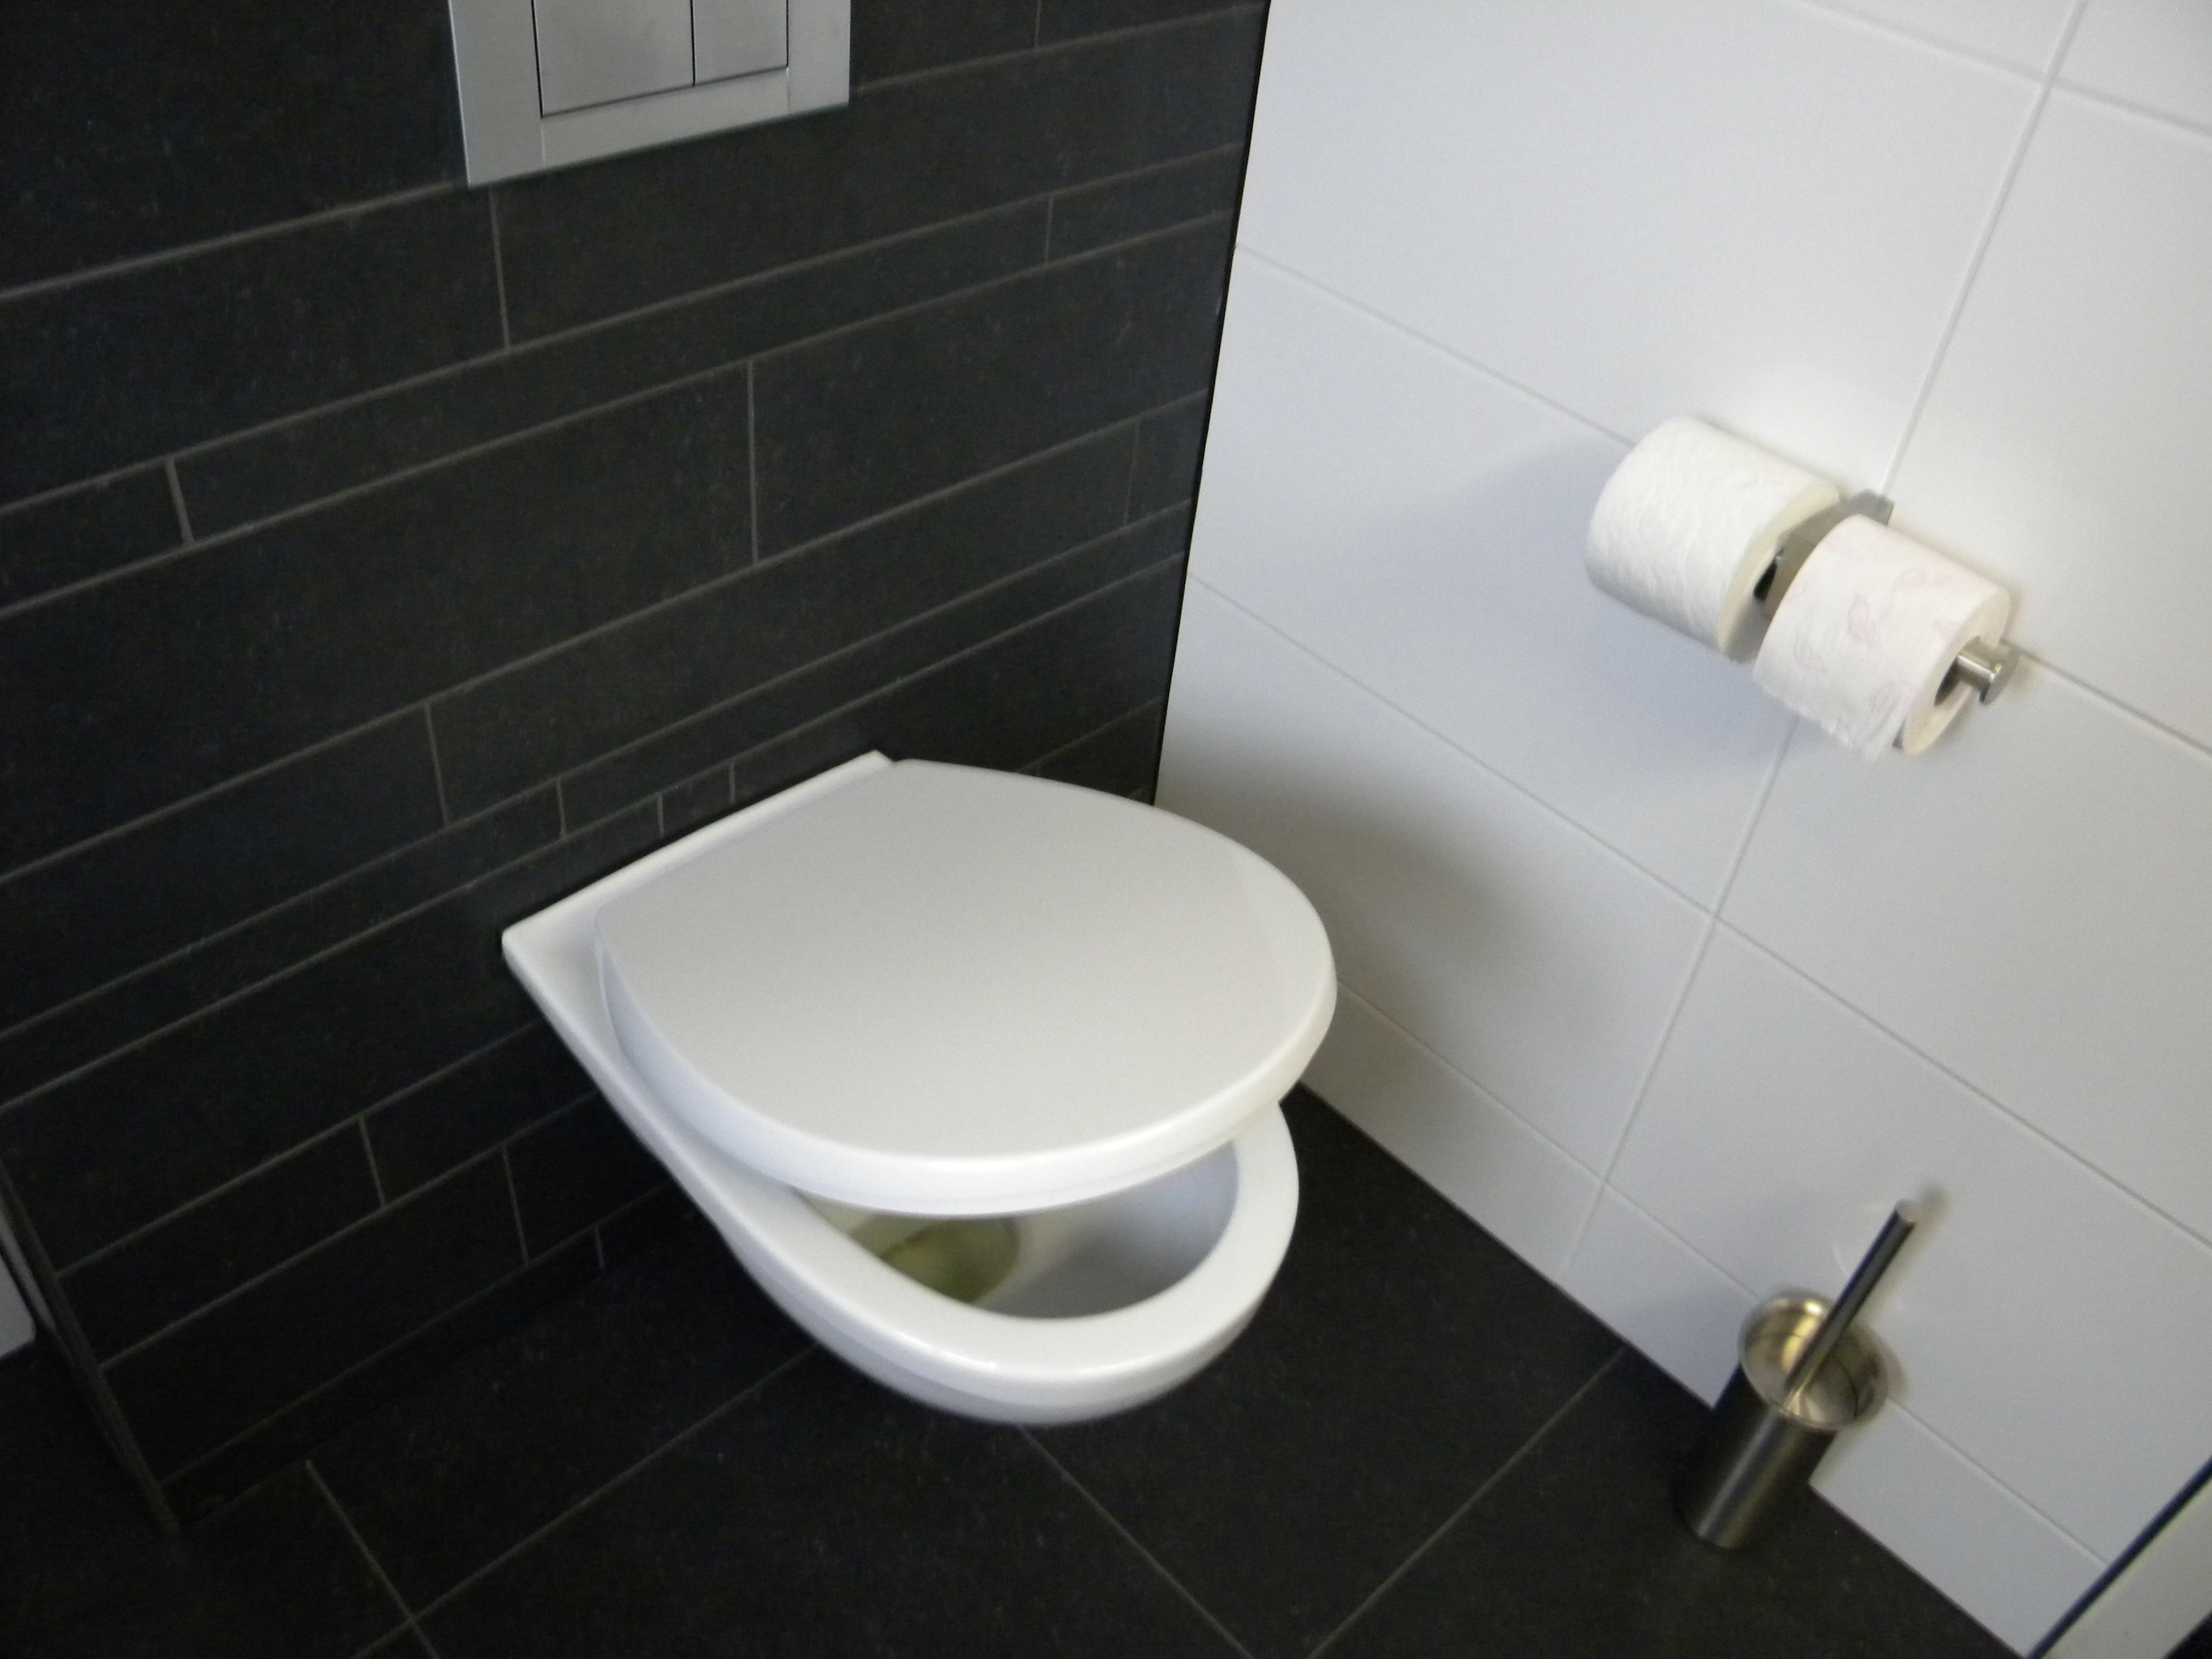 Badkamers tegelwerken - Kleine badkamer wc ...